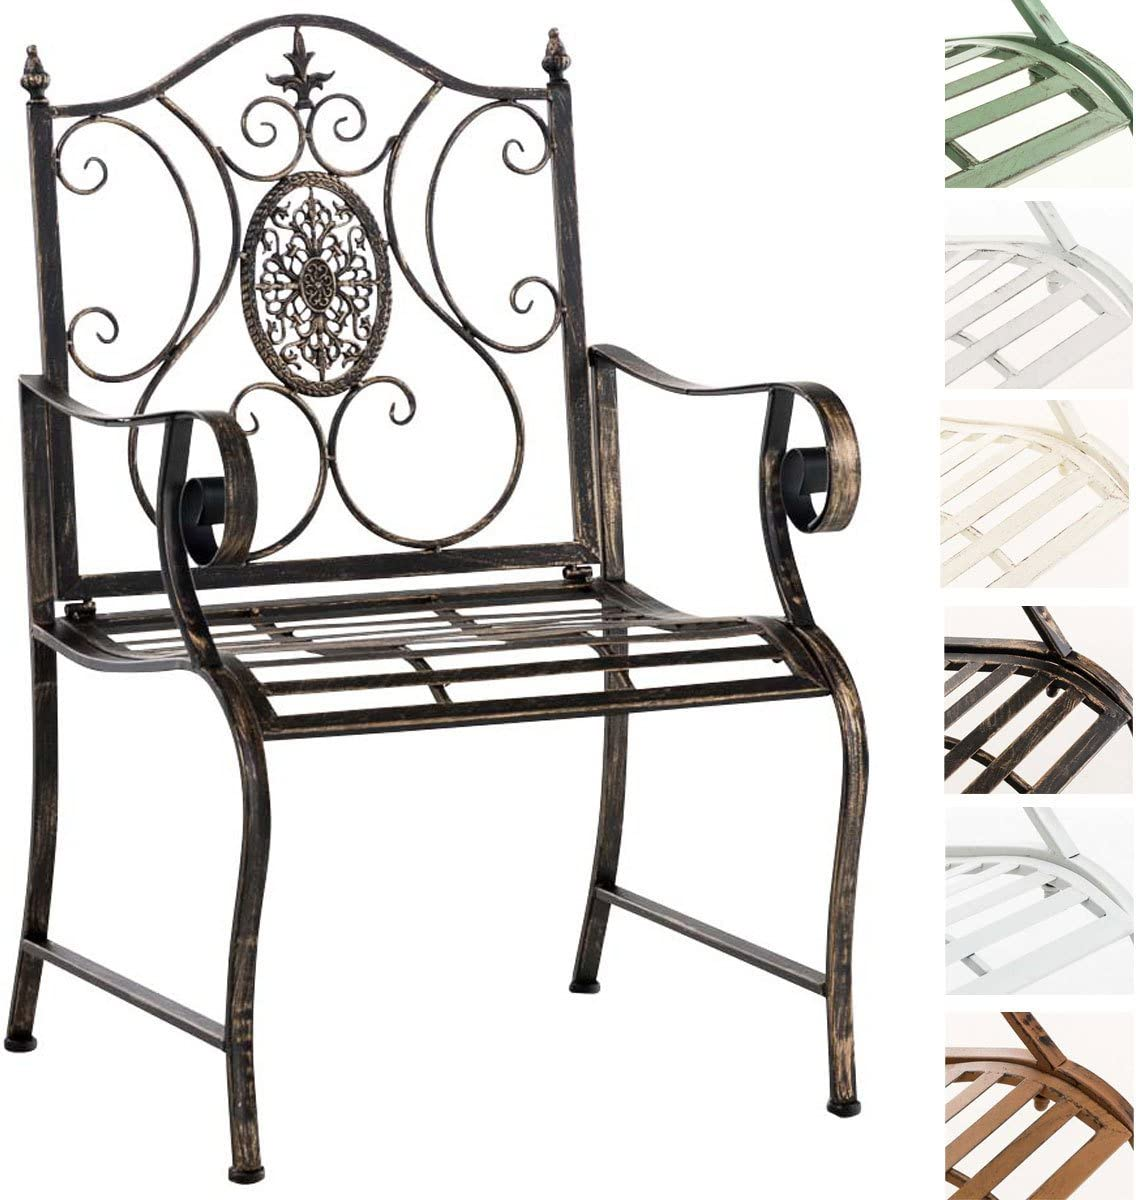 CLP Silla de Jardín Punjab en Estilo Antiguo con Apoyabrazos | Silla de Hiero en Estilo Rústico | Silla de Balcón Estilo Medieval | Color Bronce